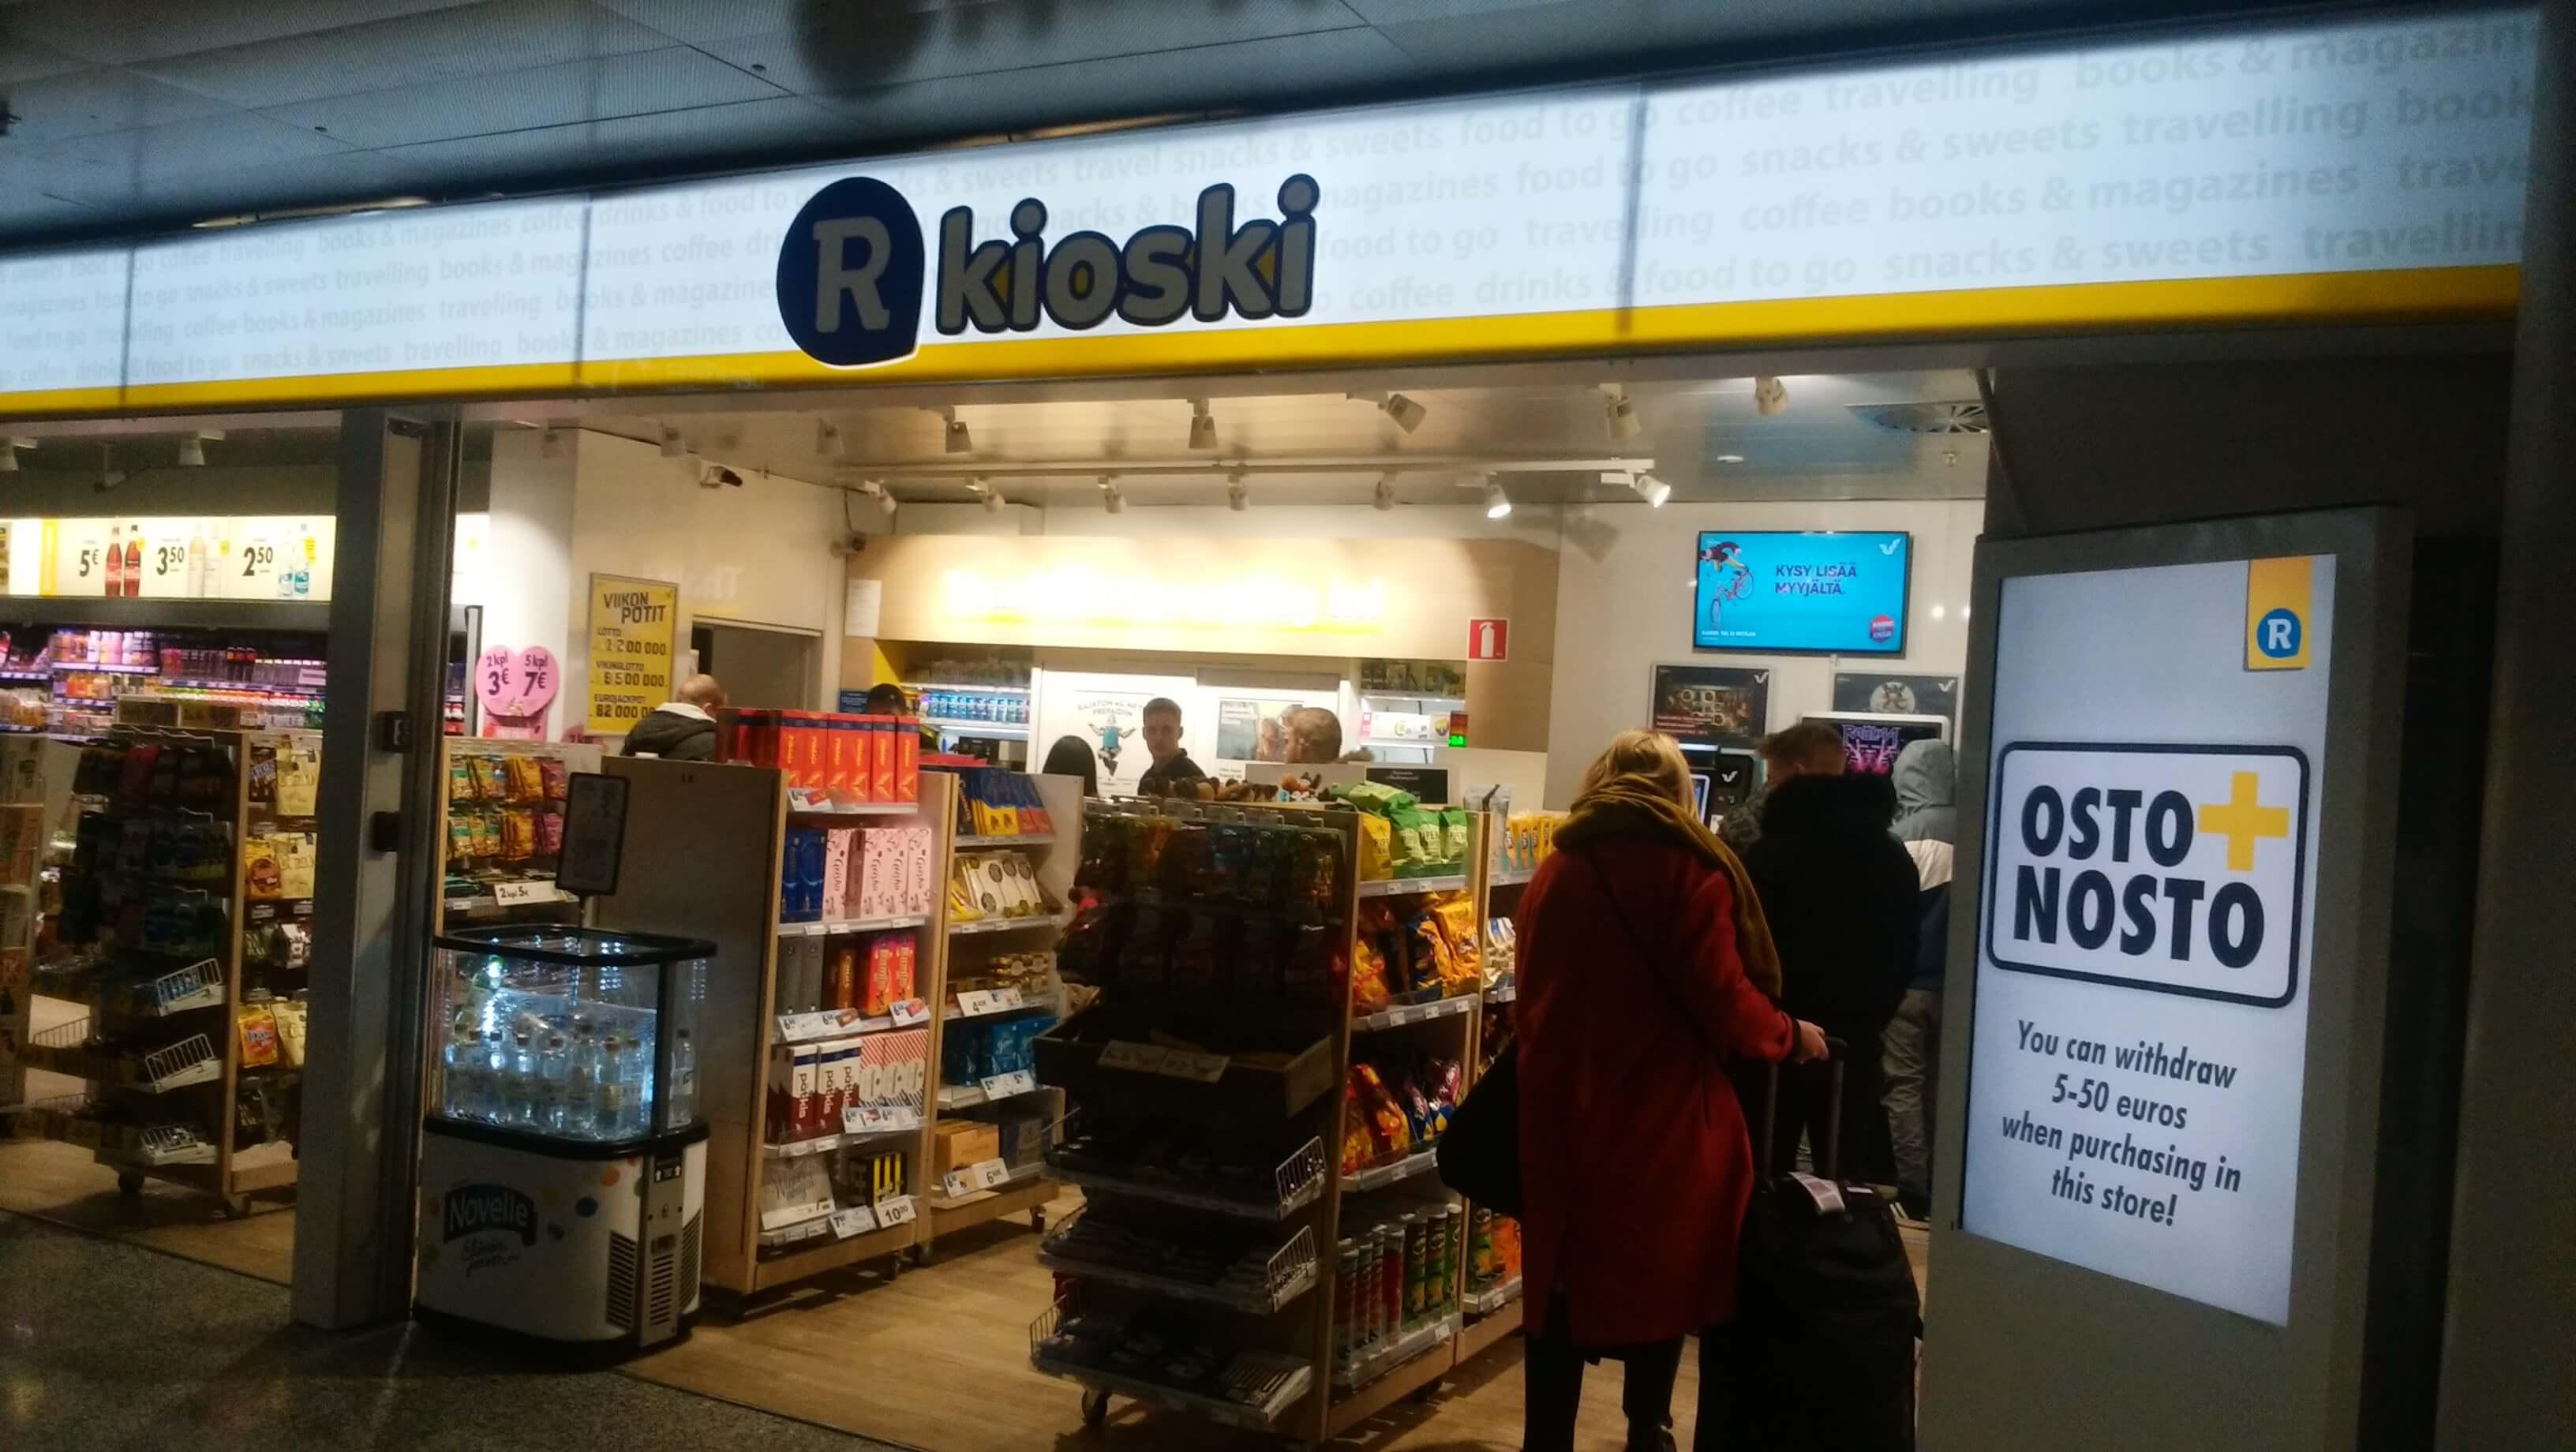 フィンランドの空港で見かけたキオスク